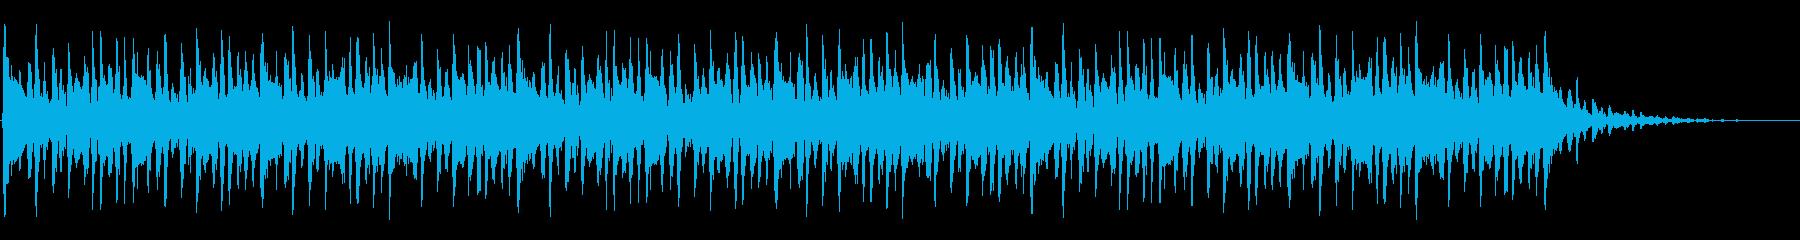 ショートBGM:ファンク-Bの再生済みの波形